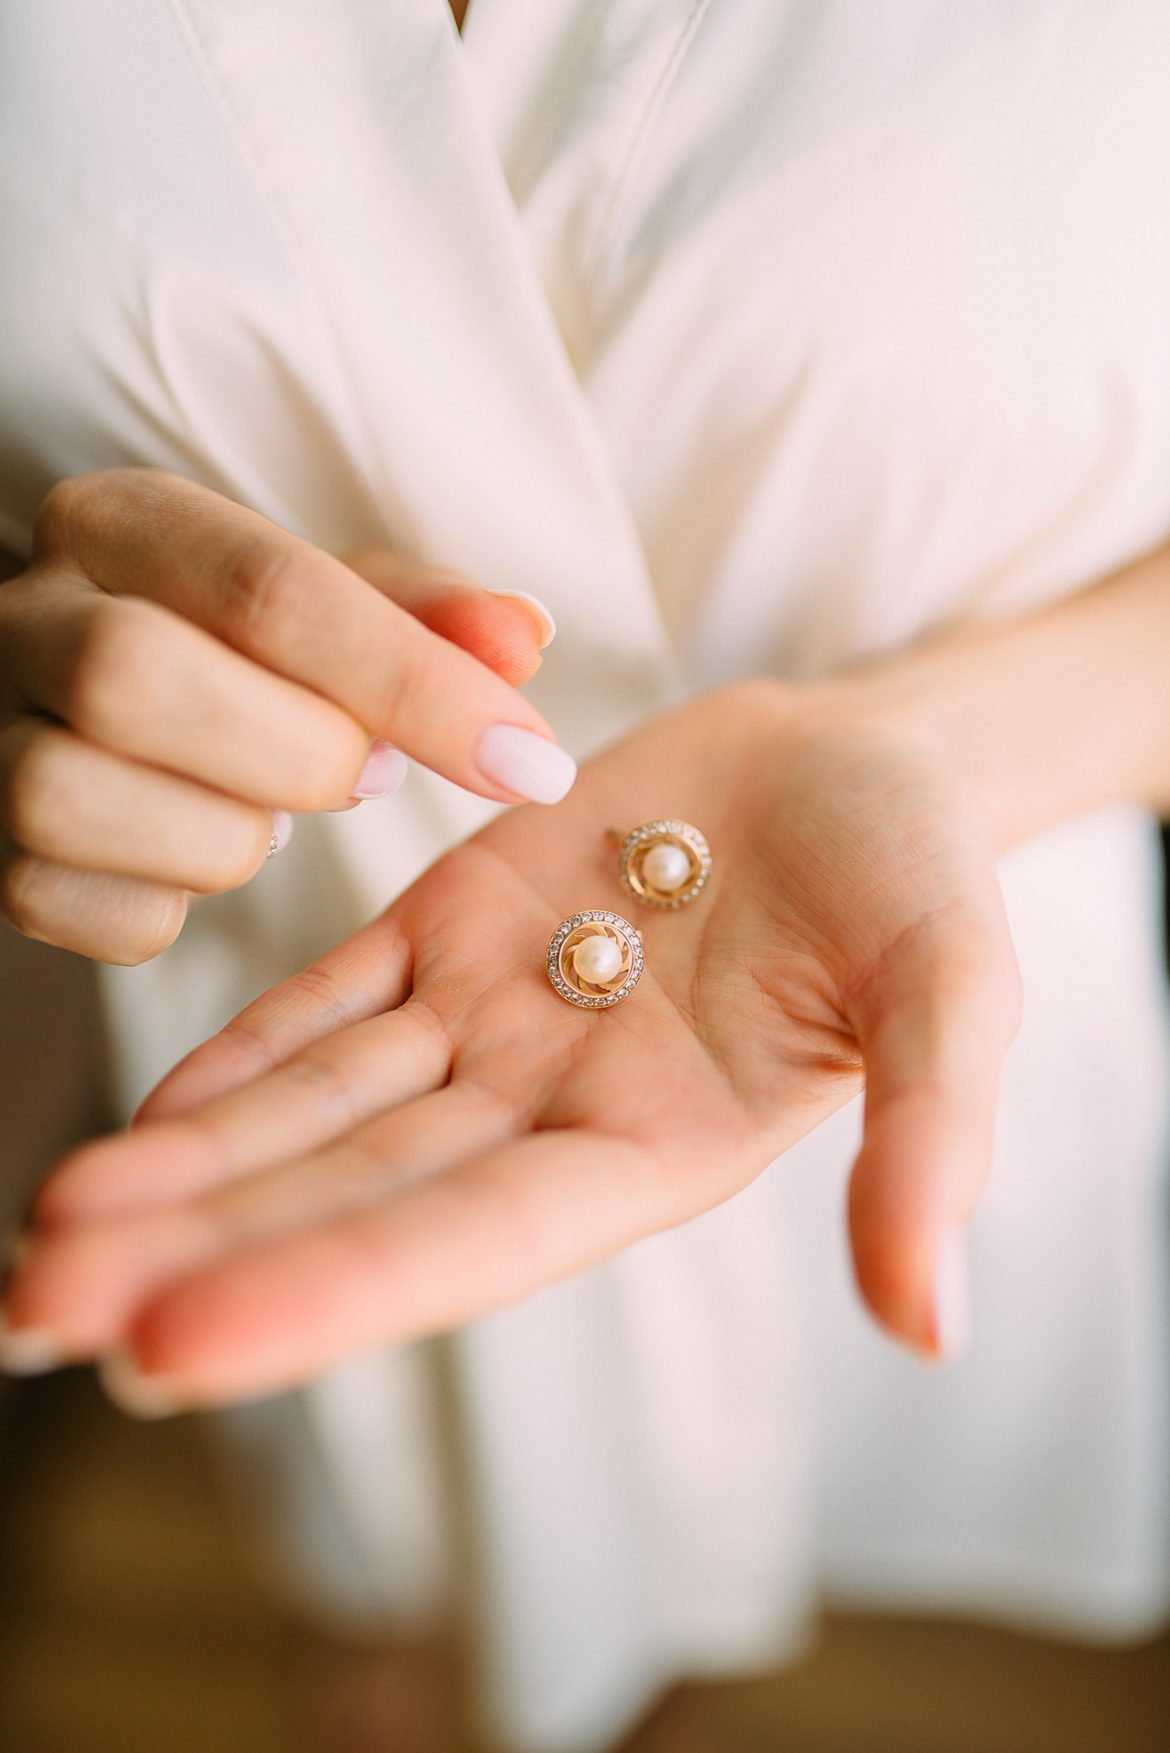 鑽石和珍珠耳環能夠應對不同場合需要